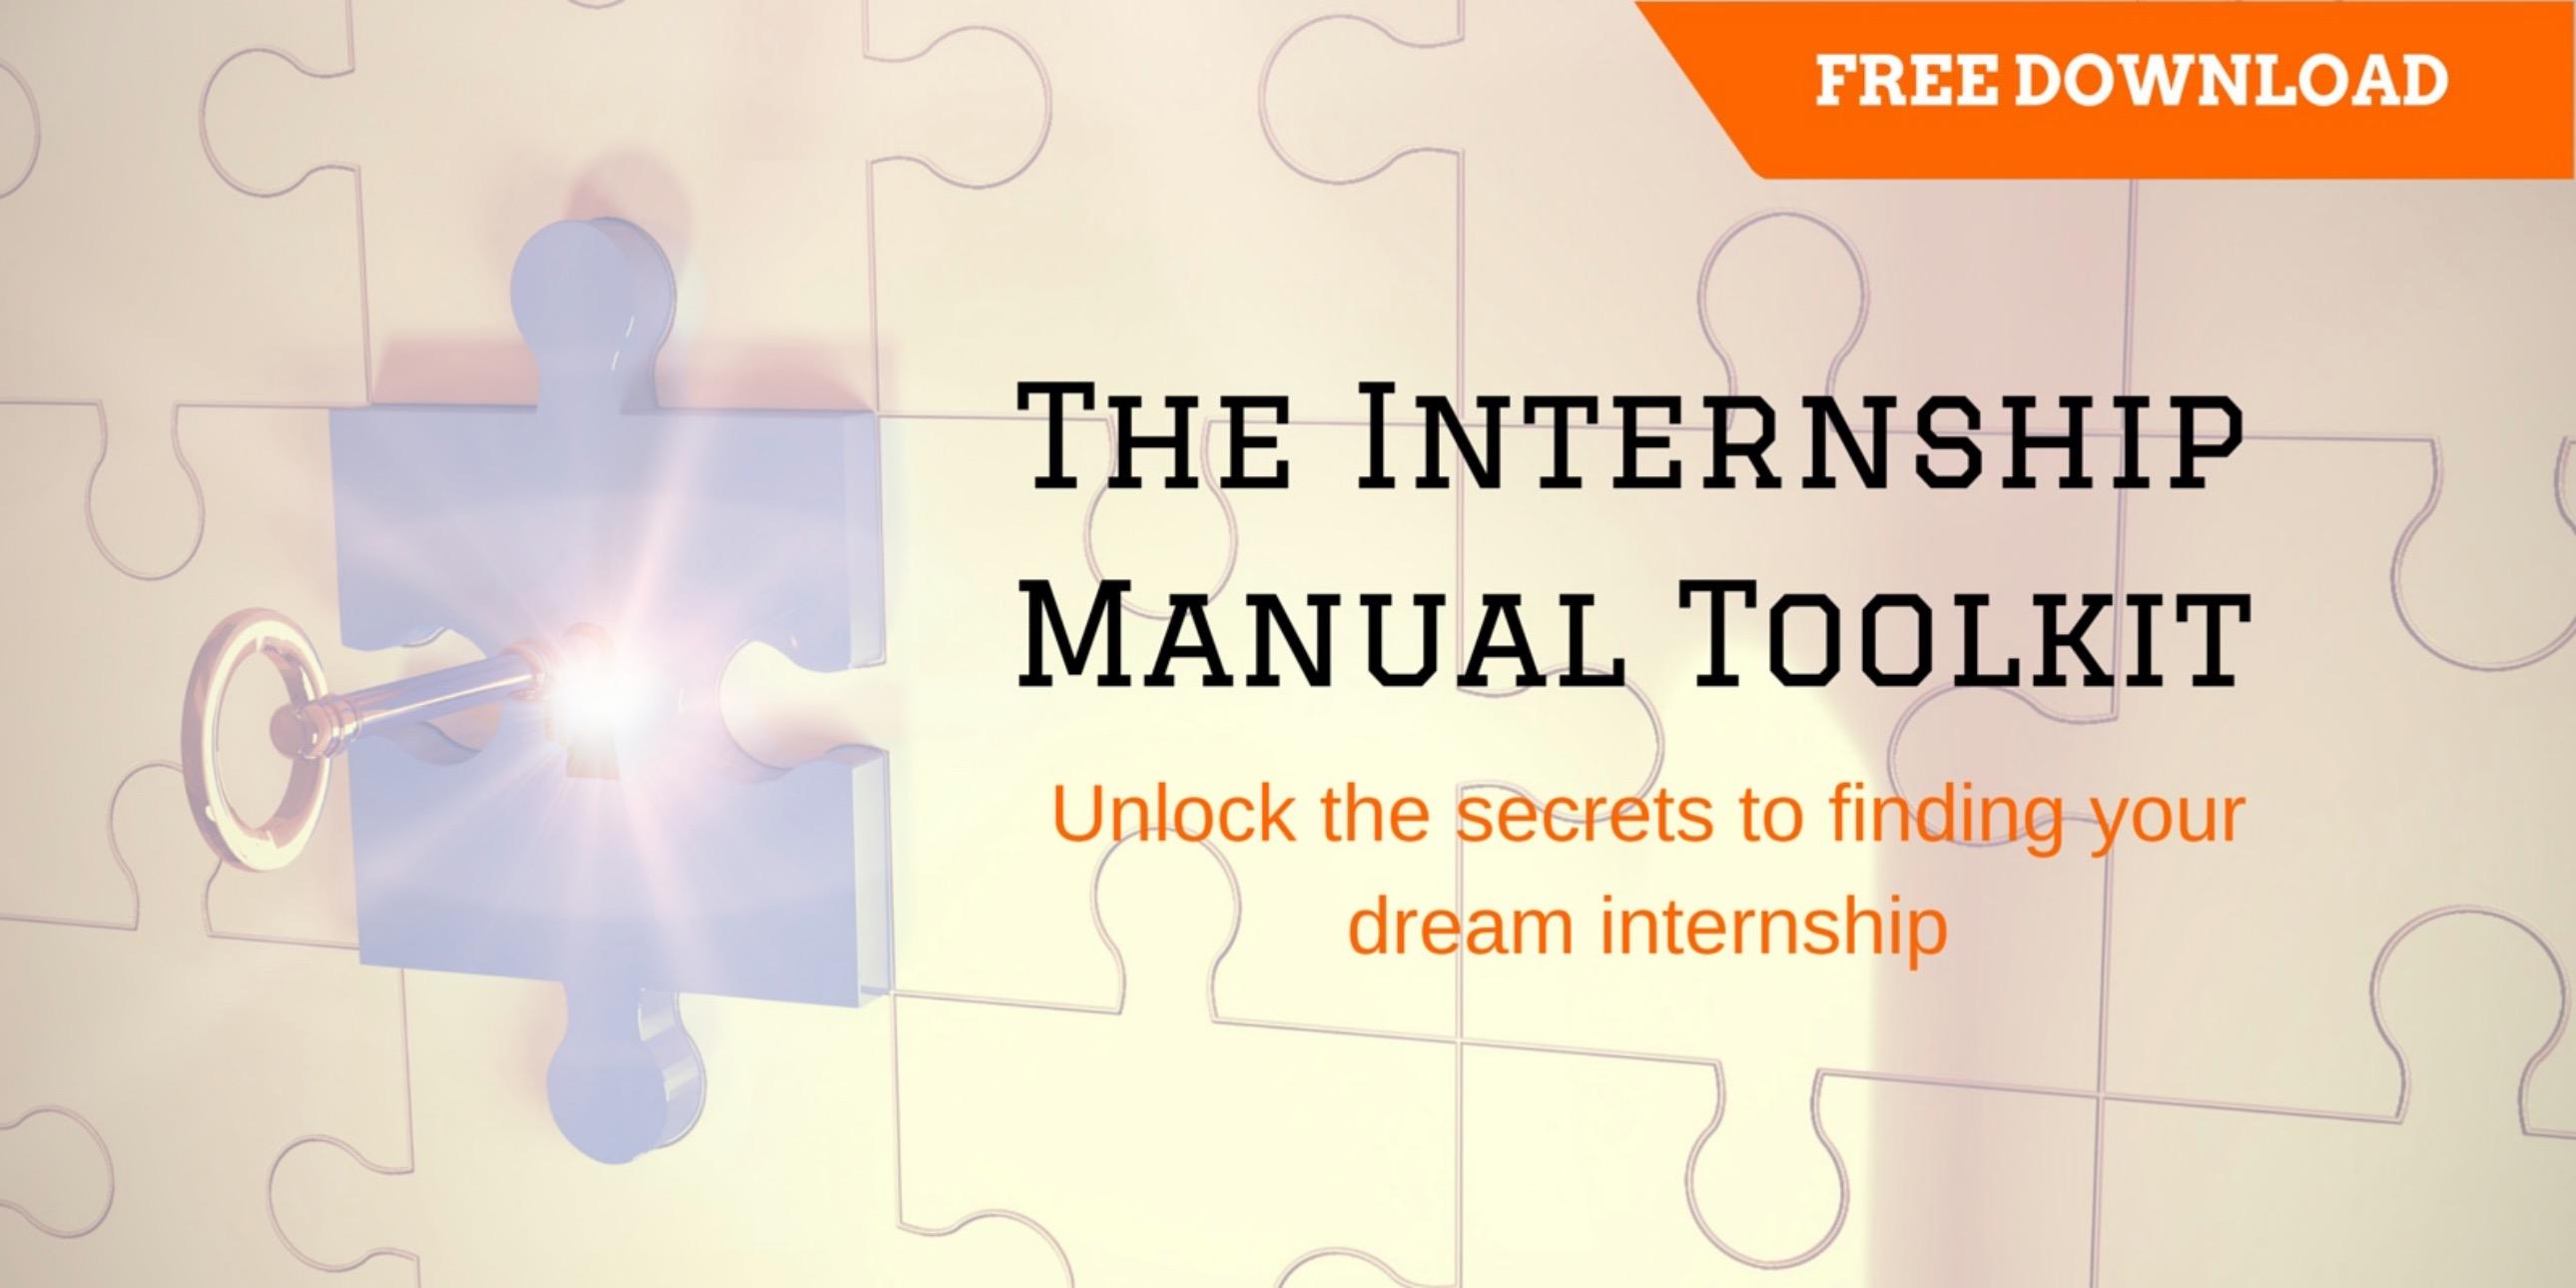 Internship Manual Toolkit